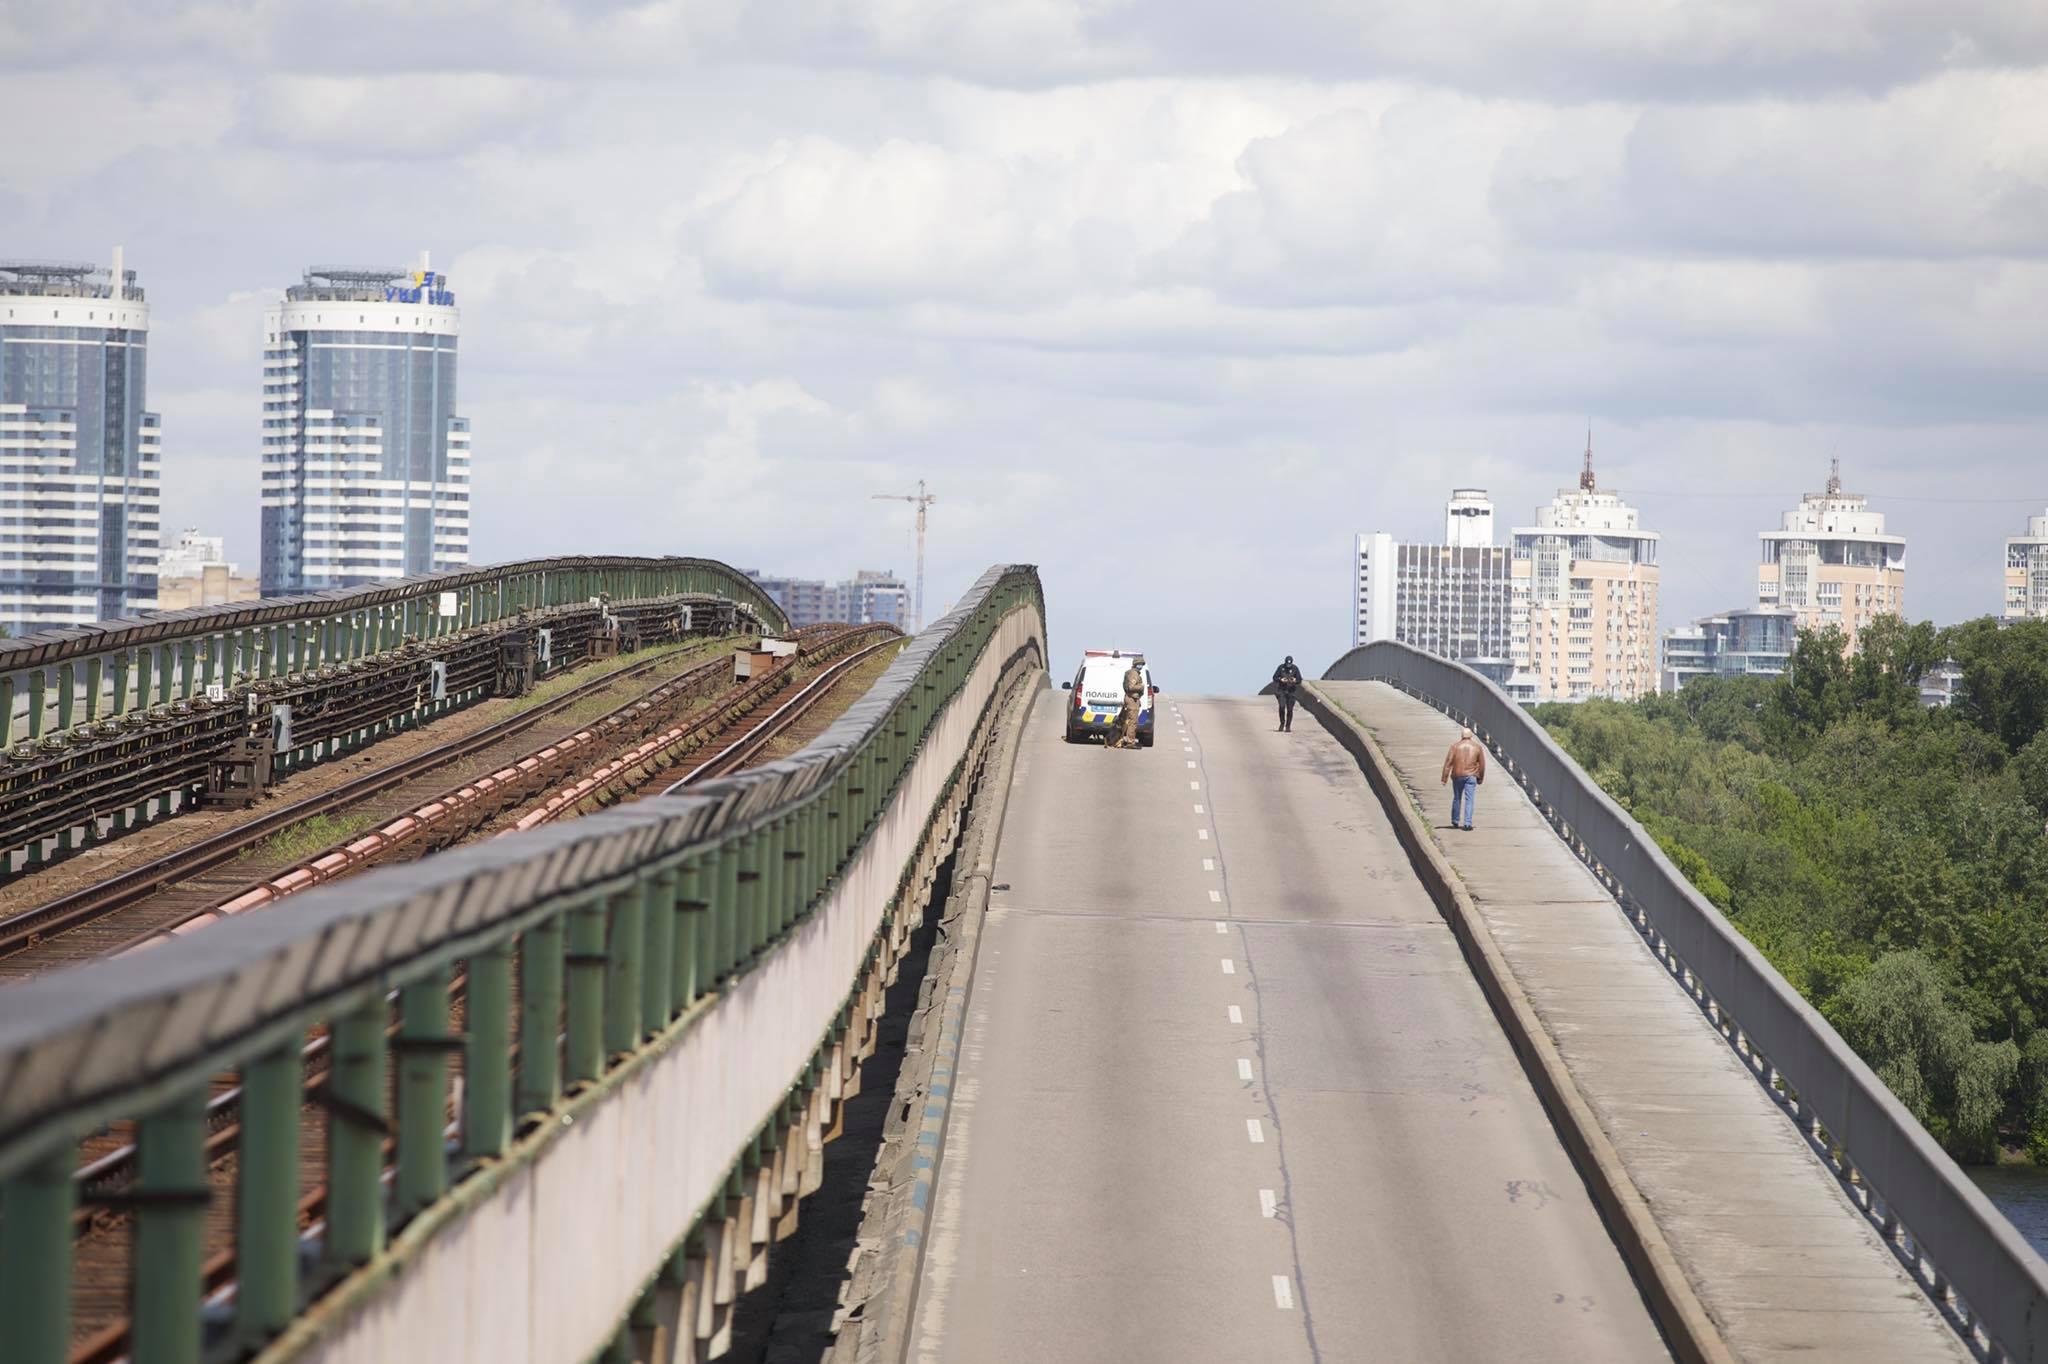 Мост Метро в Киеве перекрыт из-за угрозы взрыва